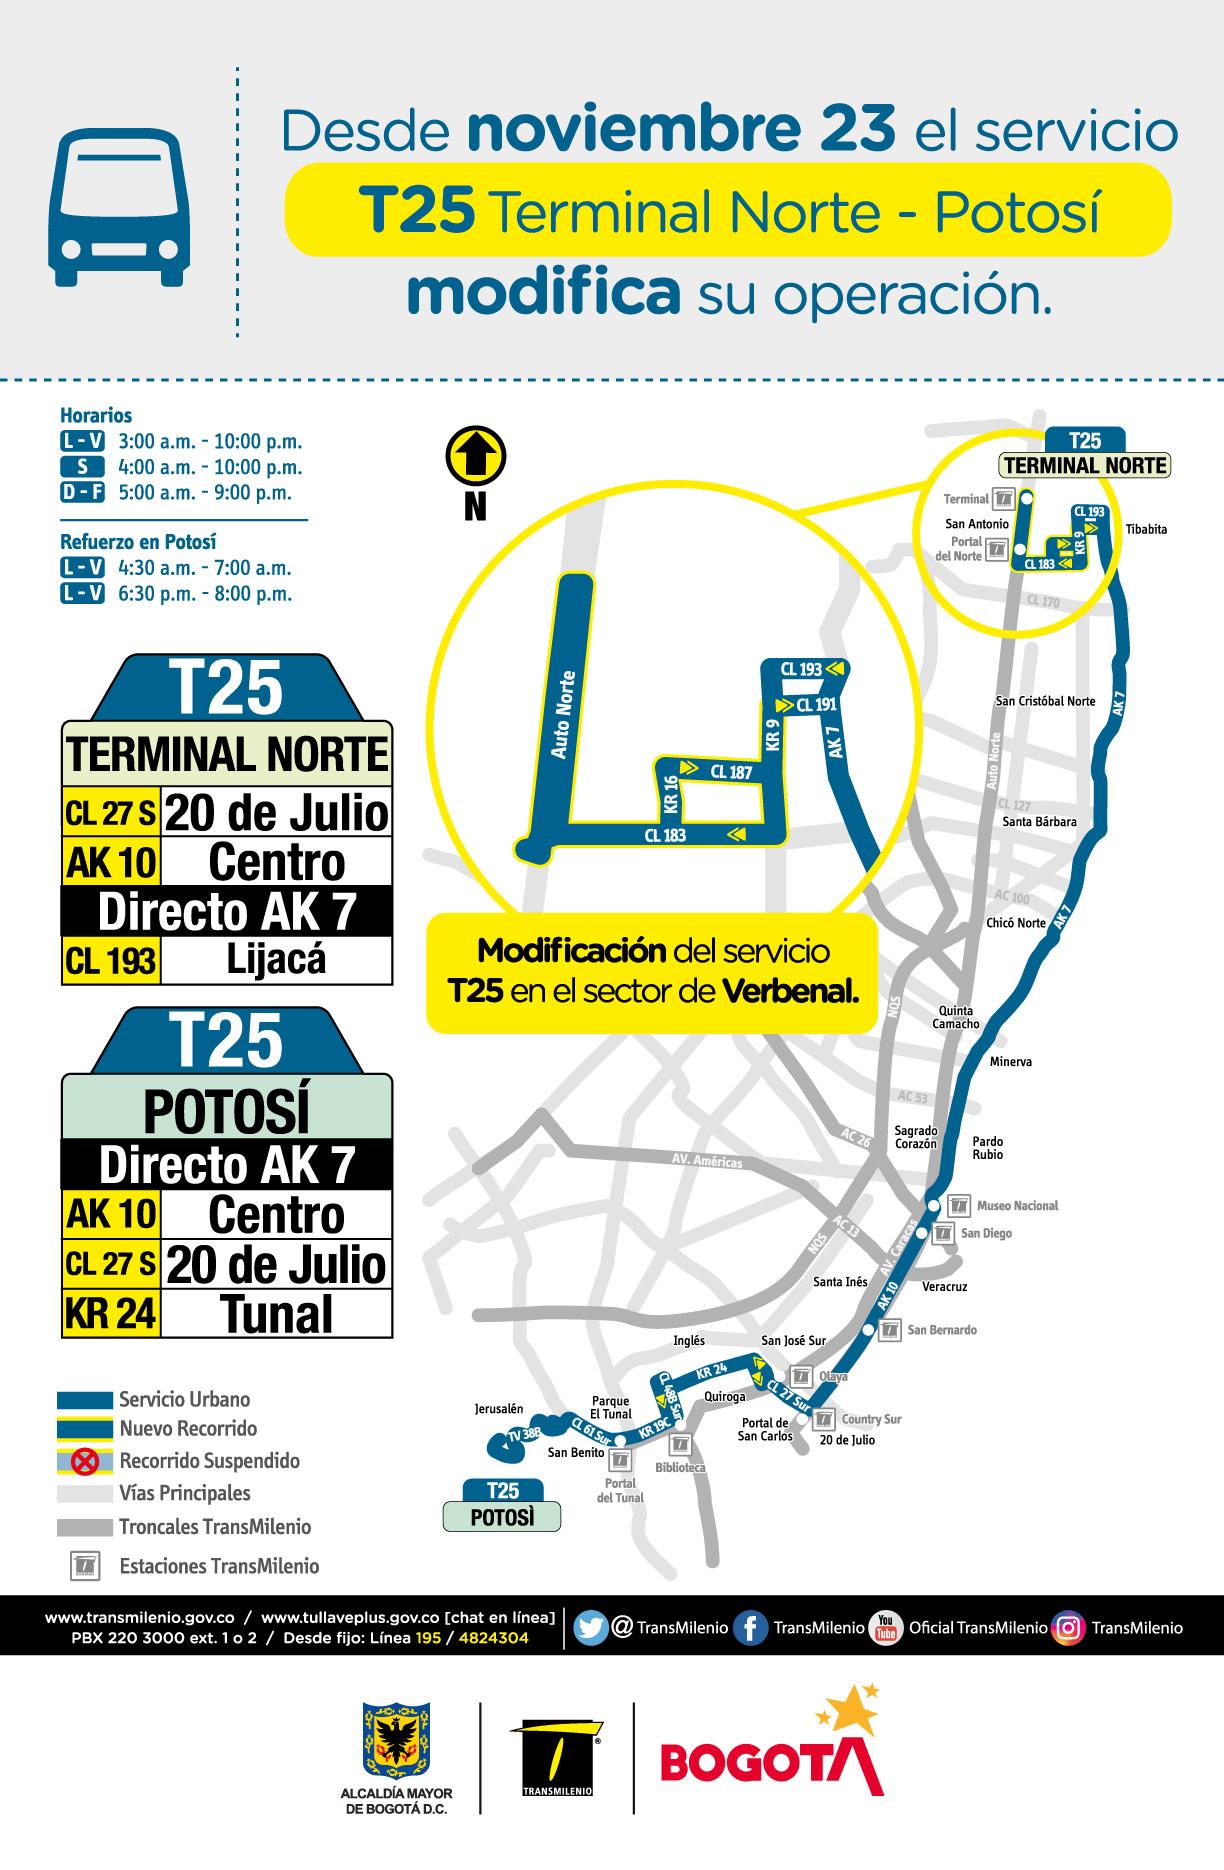 Desde el 23 de noviembre la ruta T25 Terminal Norte - Potosí modifica su ruta